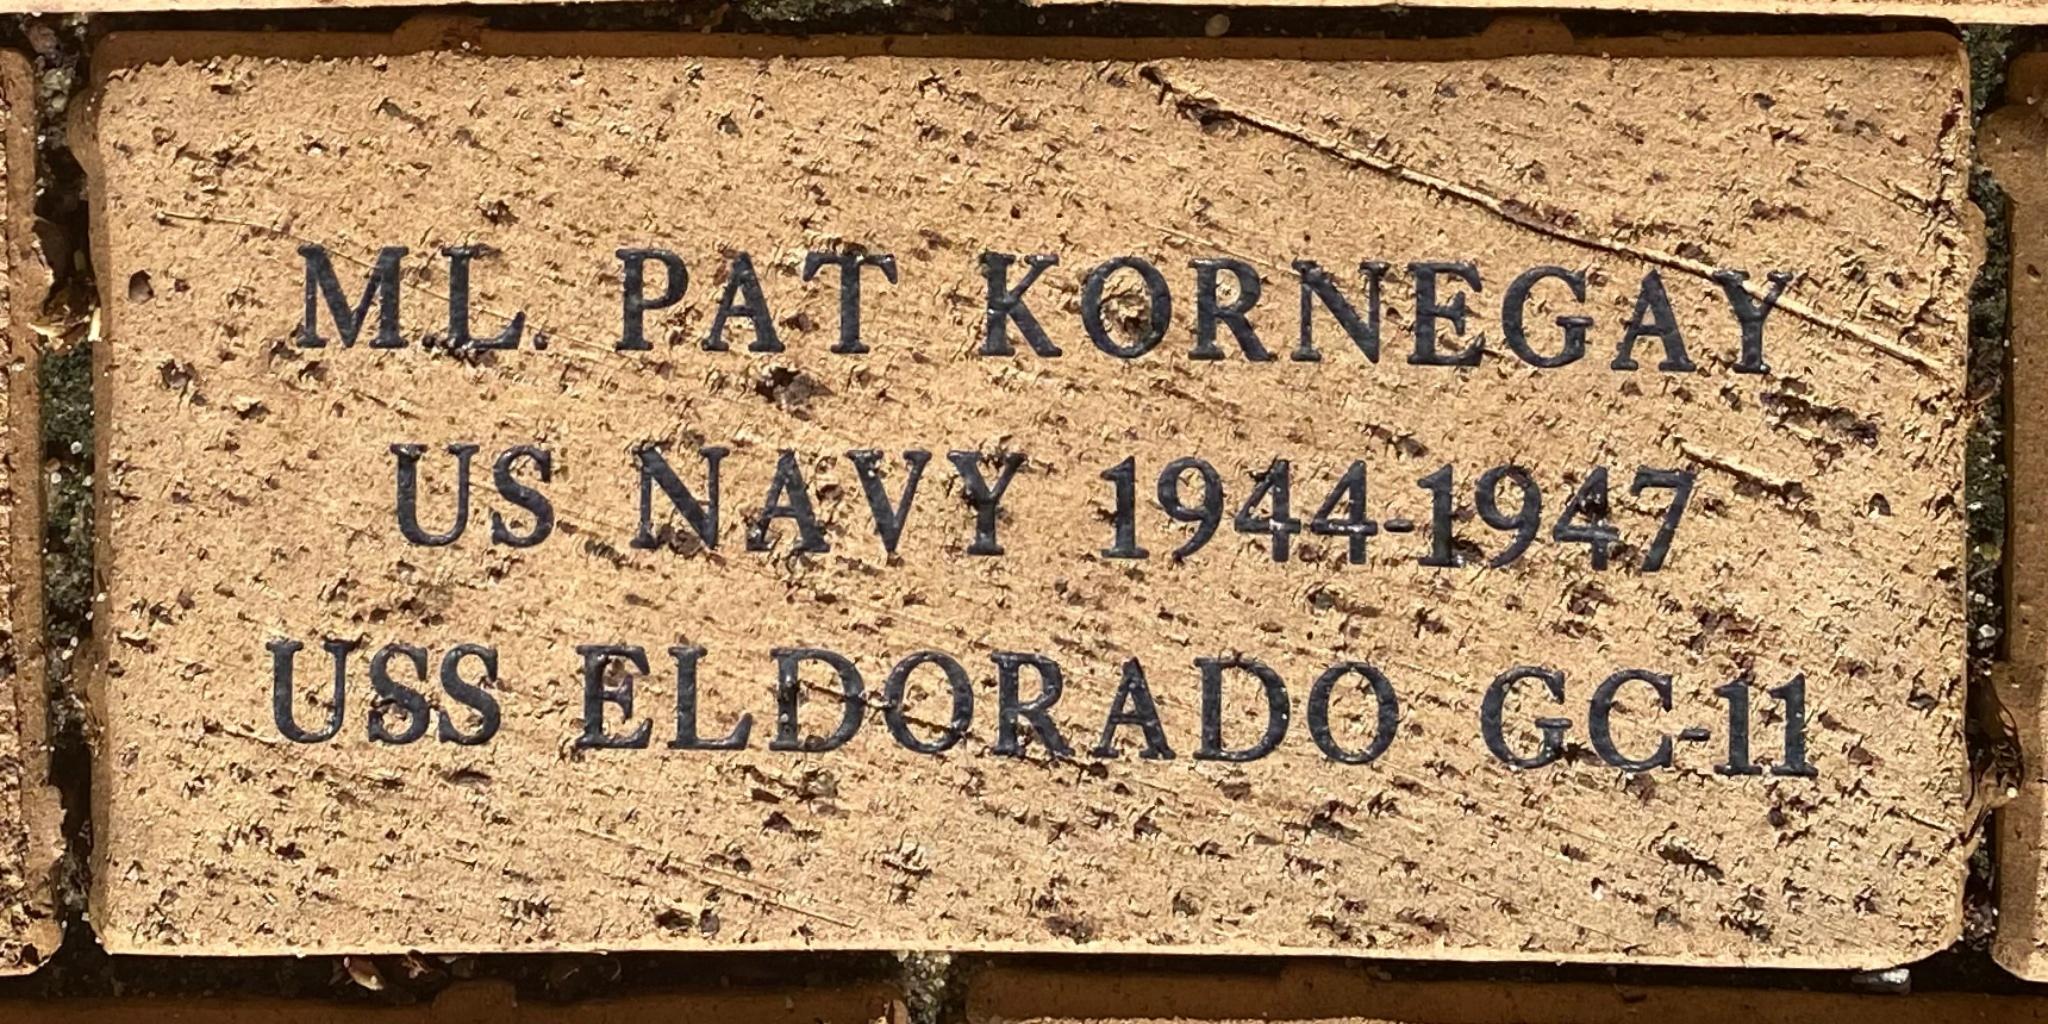 M.L. PAT KORNEGAY US NAVY 1944-1947 USS ELDORADO GC-11